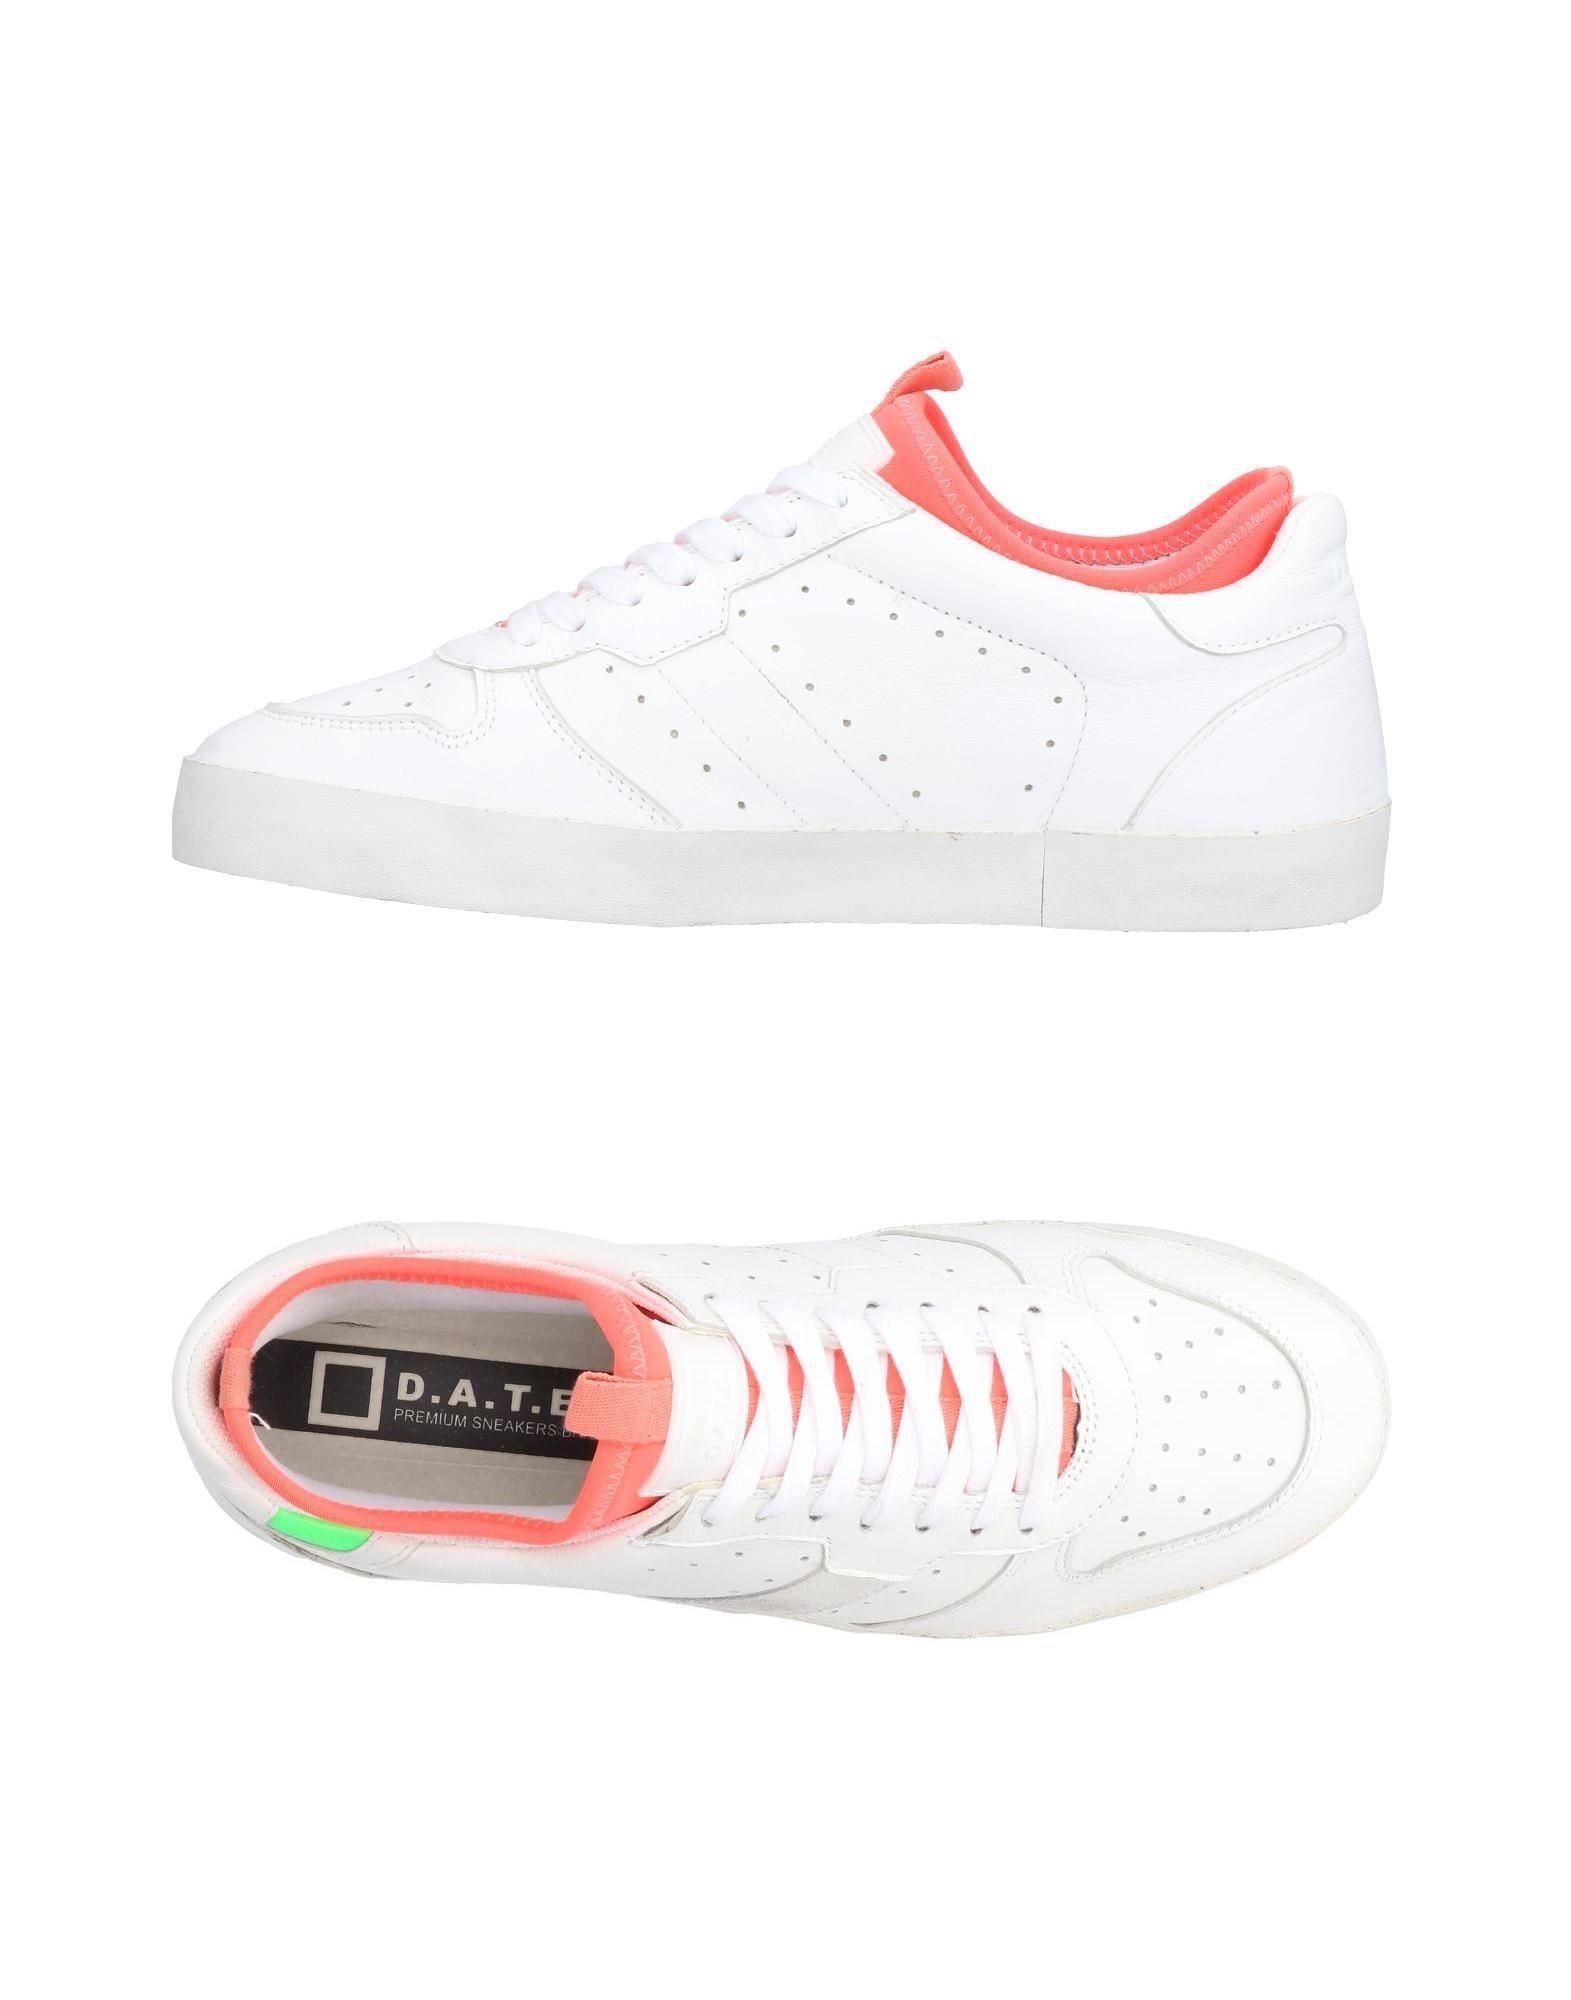 D.A.T.E. Sneakers Damen  11476316XW Gute Qualität beliebte Schuhe